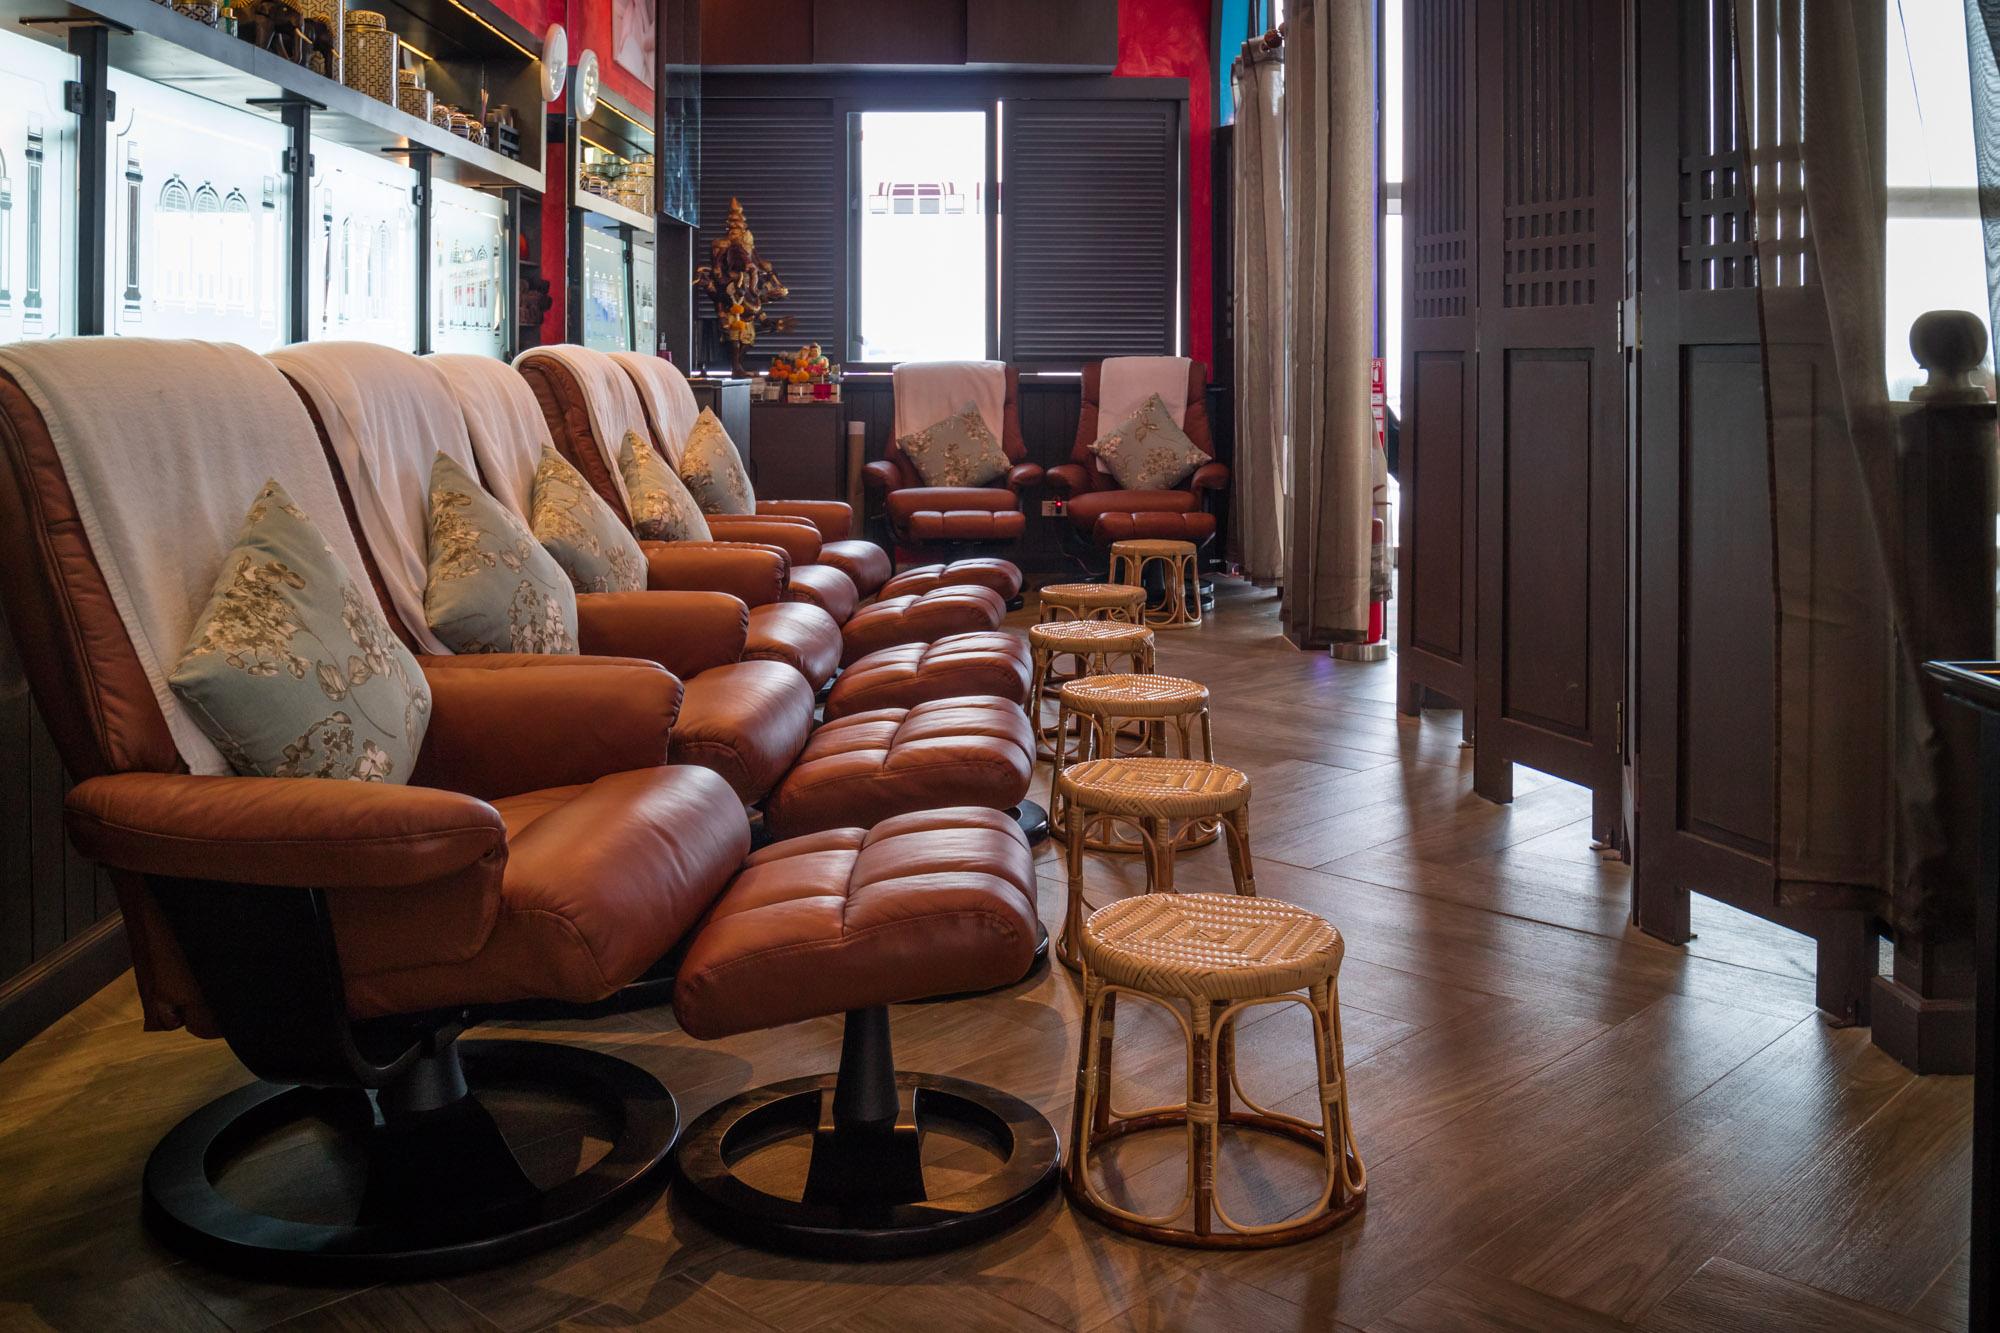 Tai Massage  ร้านอาหารแนะนำ ในอาคารผู้โดยสารขาออกระหว่างประเทศ ท่าอากาศยานภูเก็ต IMG 8259